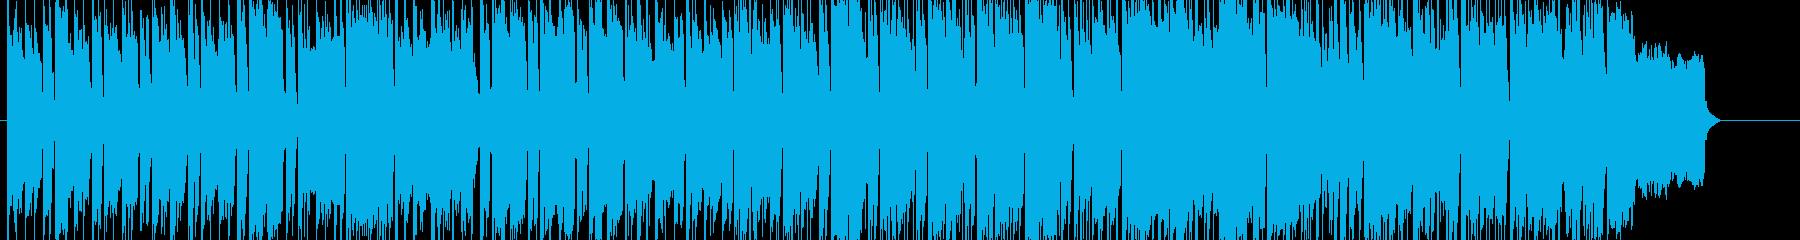 ダンジョン探索をするような怪しいBGMの再生済みの波形